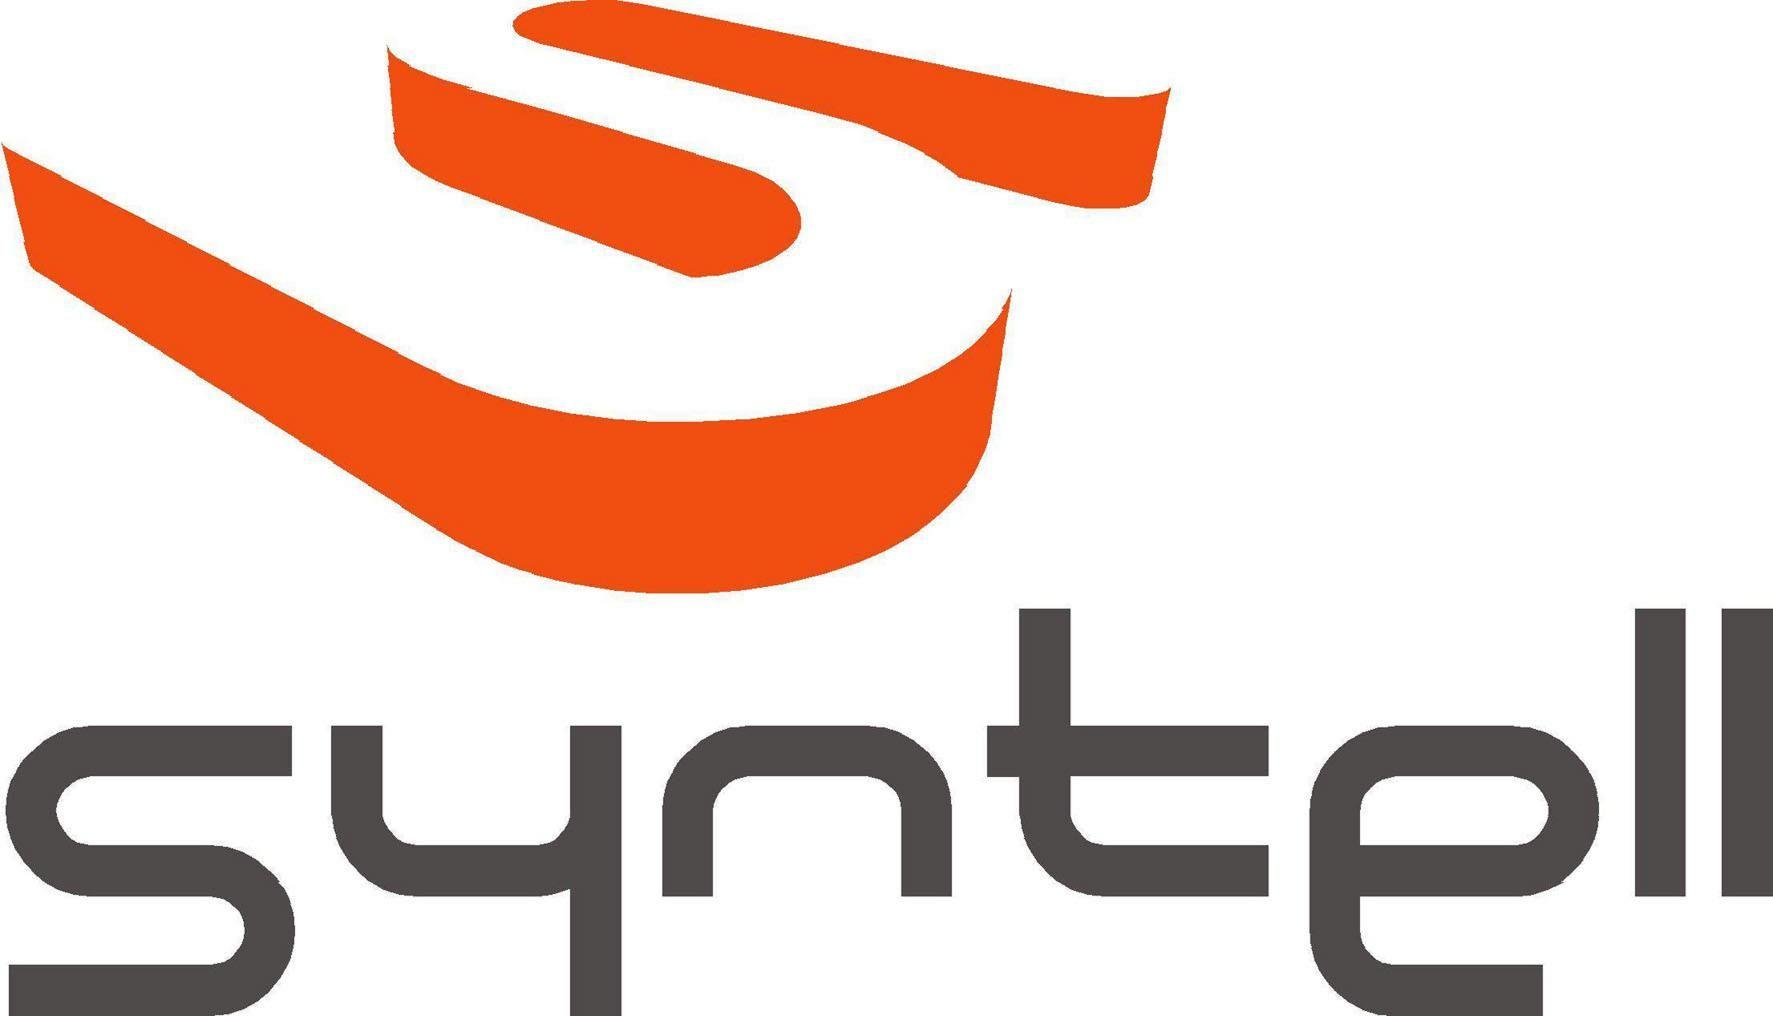 Syntell (Pty) Ltd